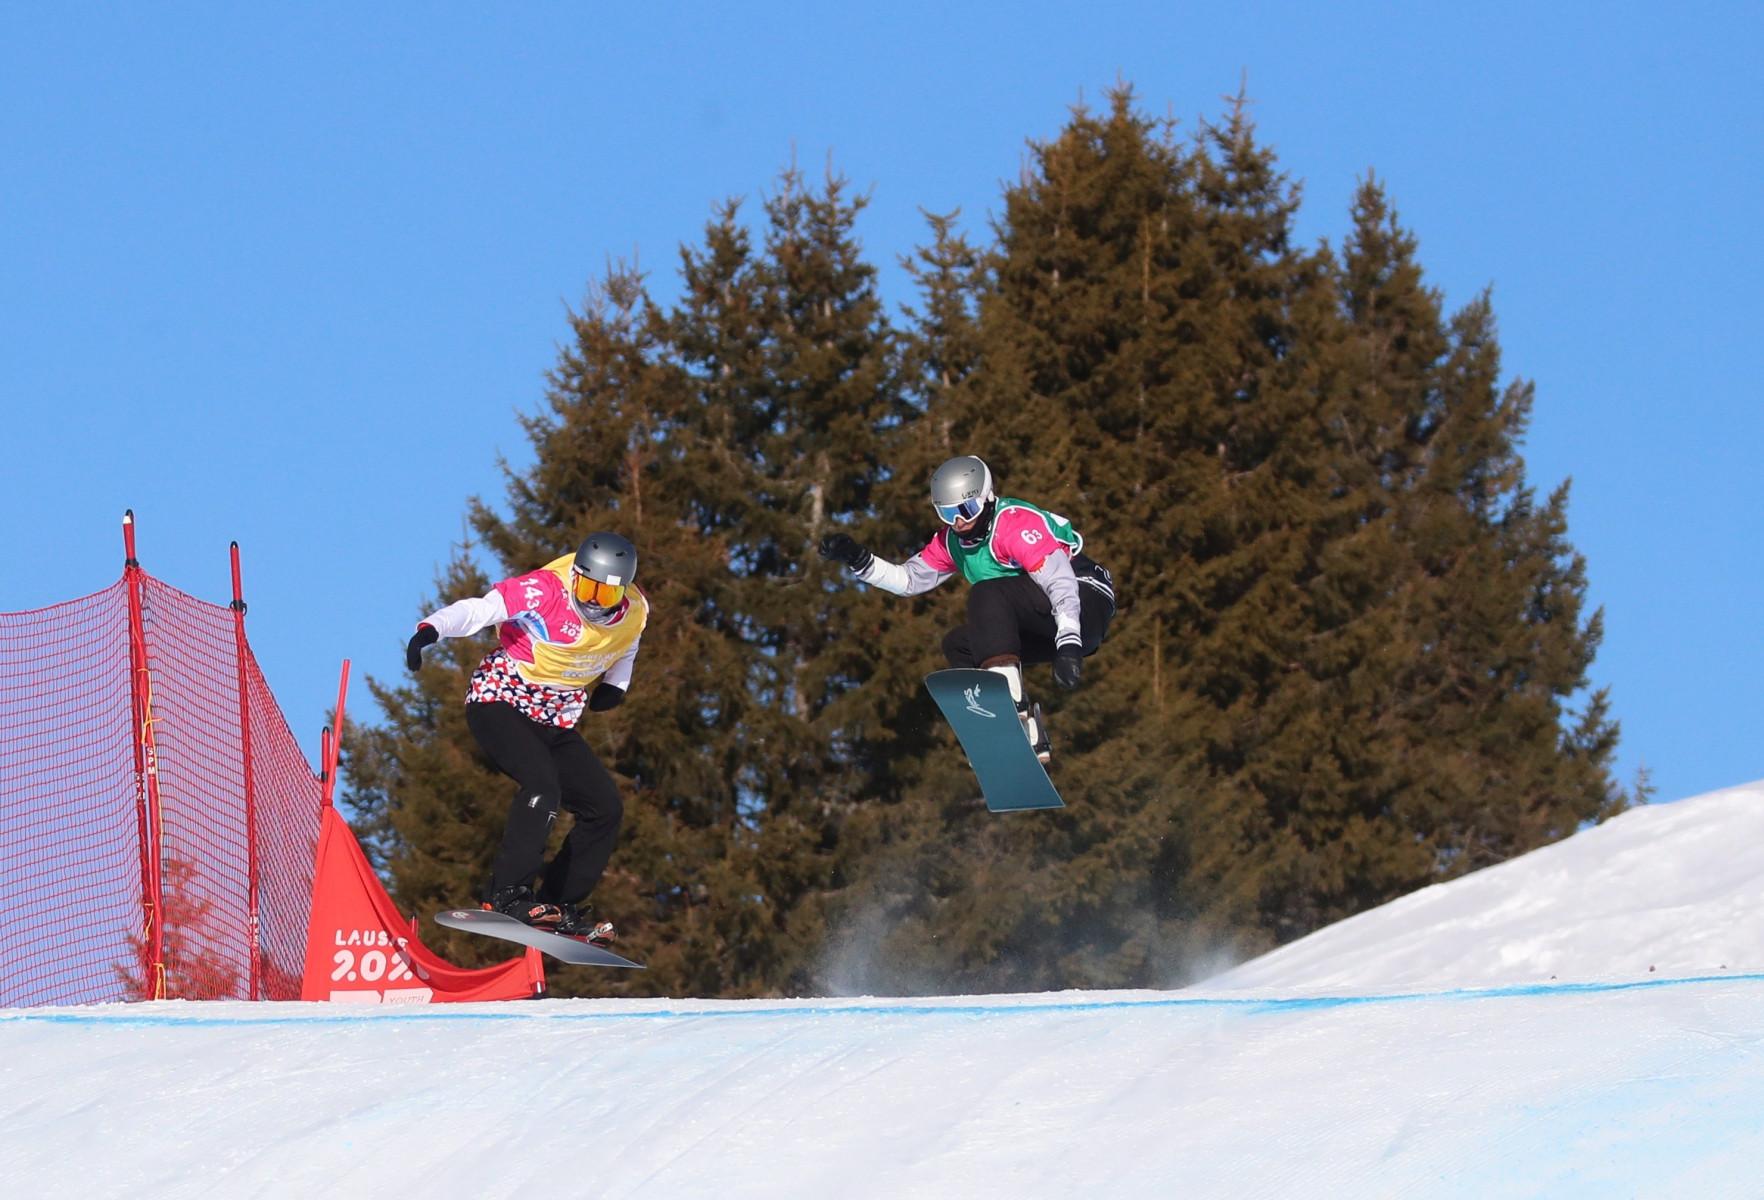 Corso collettivo di snowboard per adulti a Sauze d'Oulx